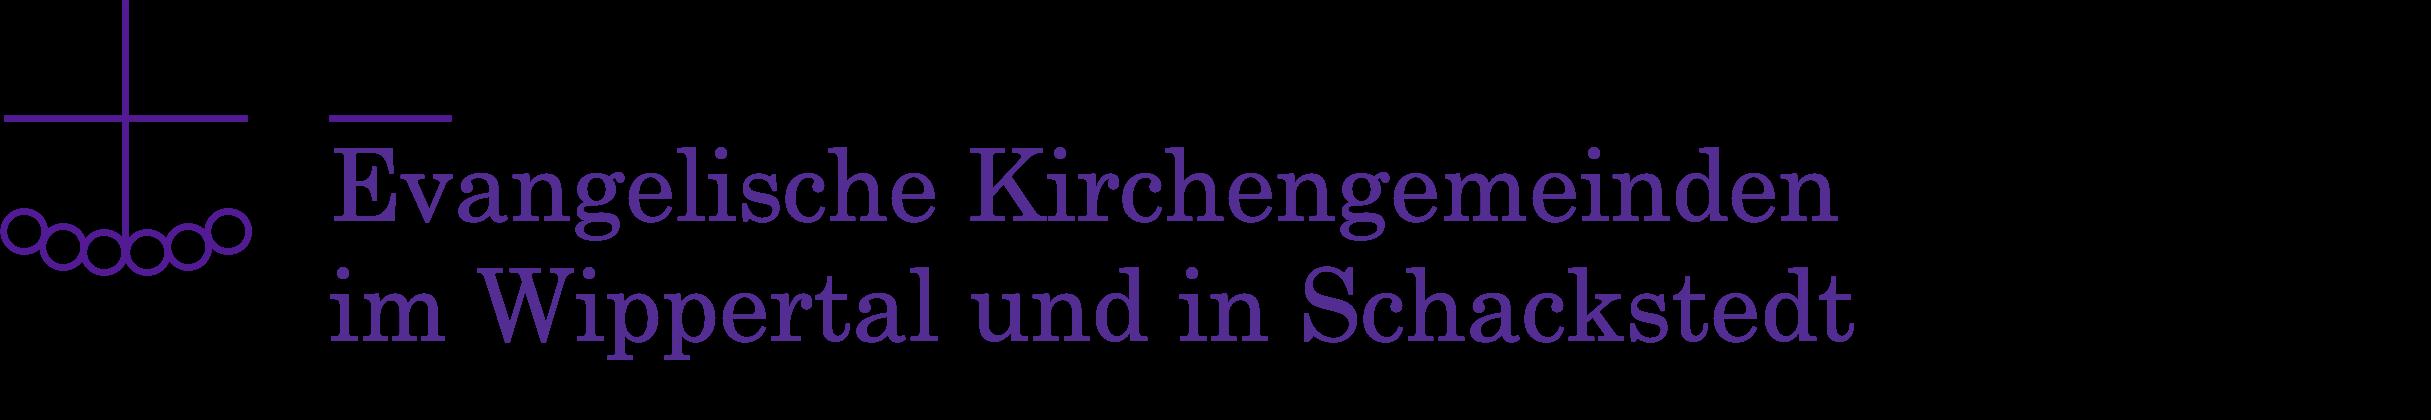 Evangelische Kirchengemeinden